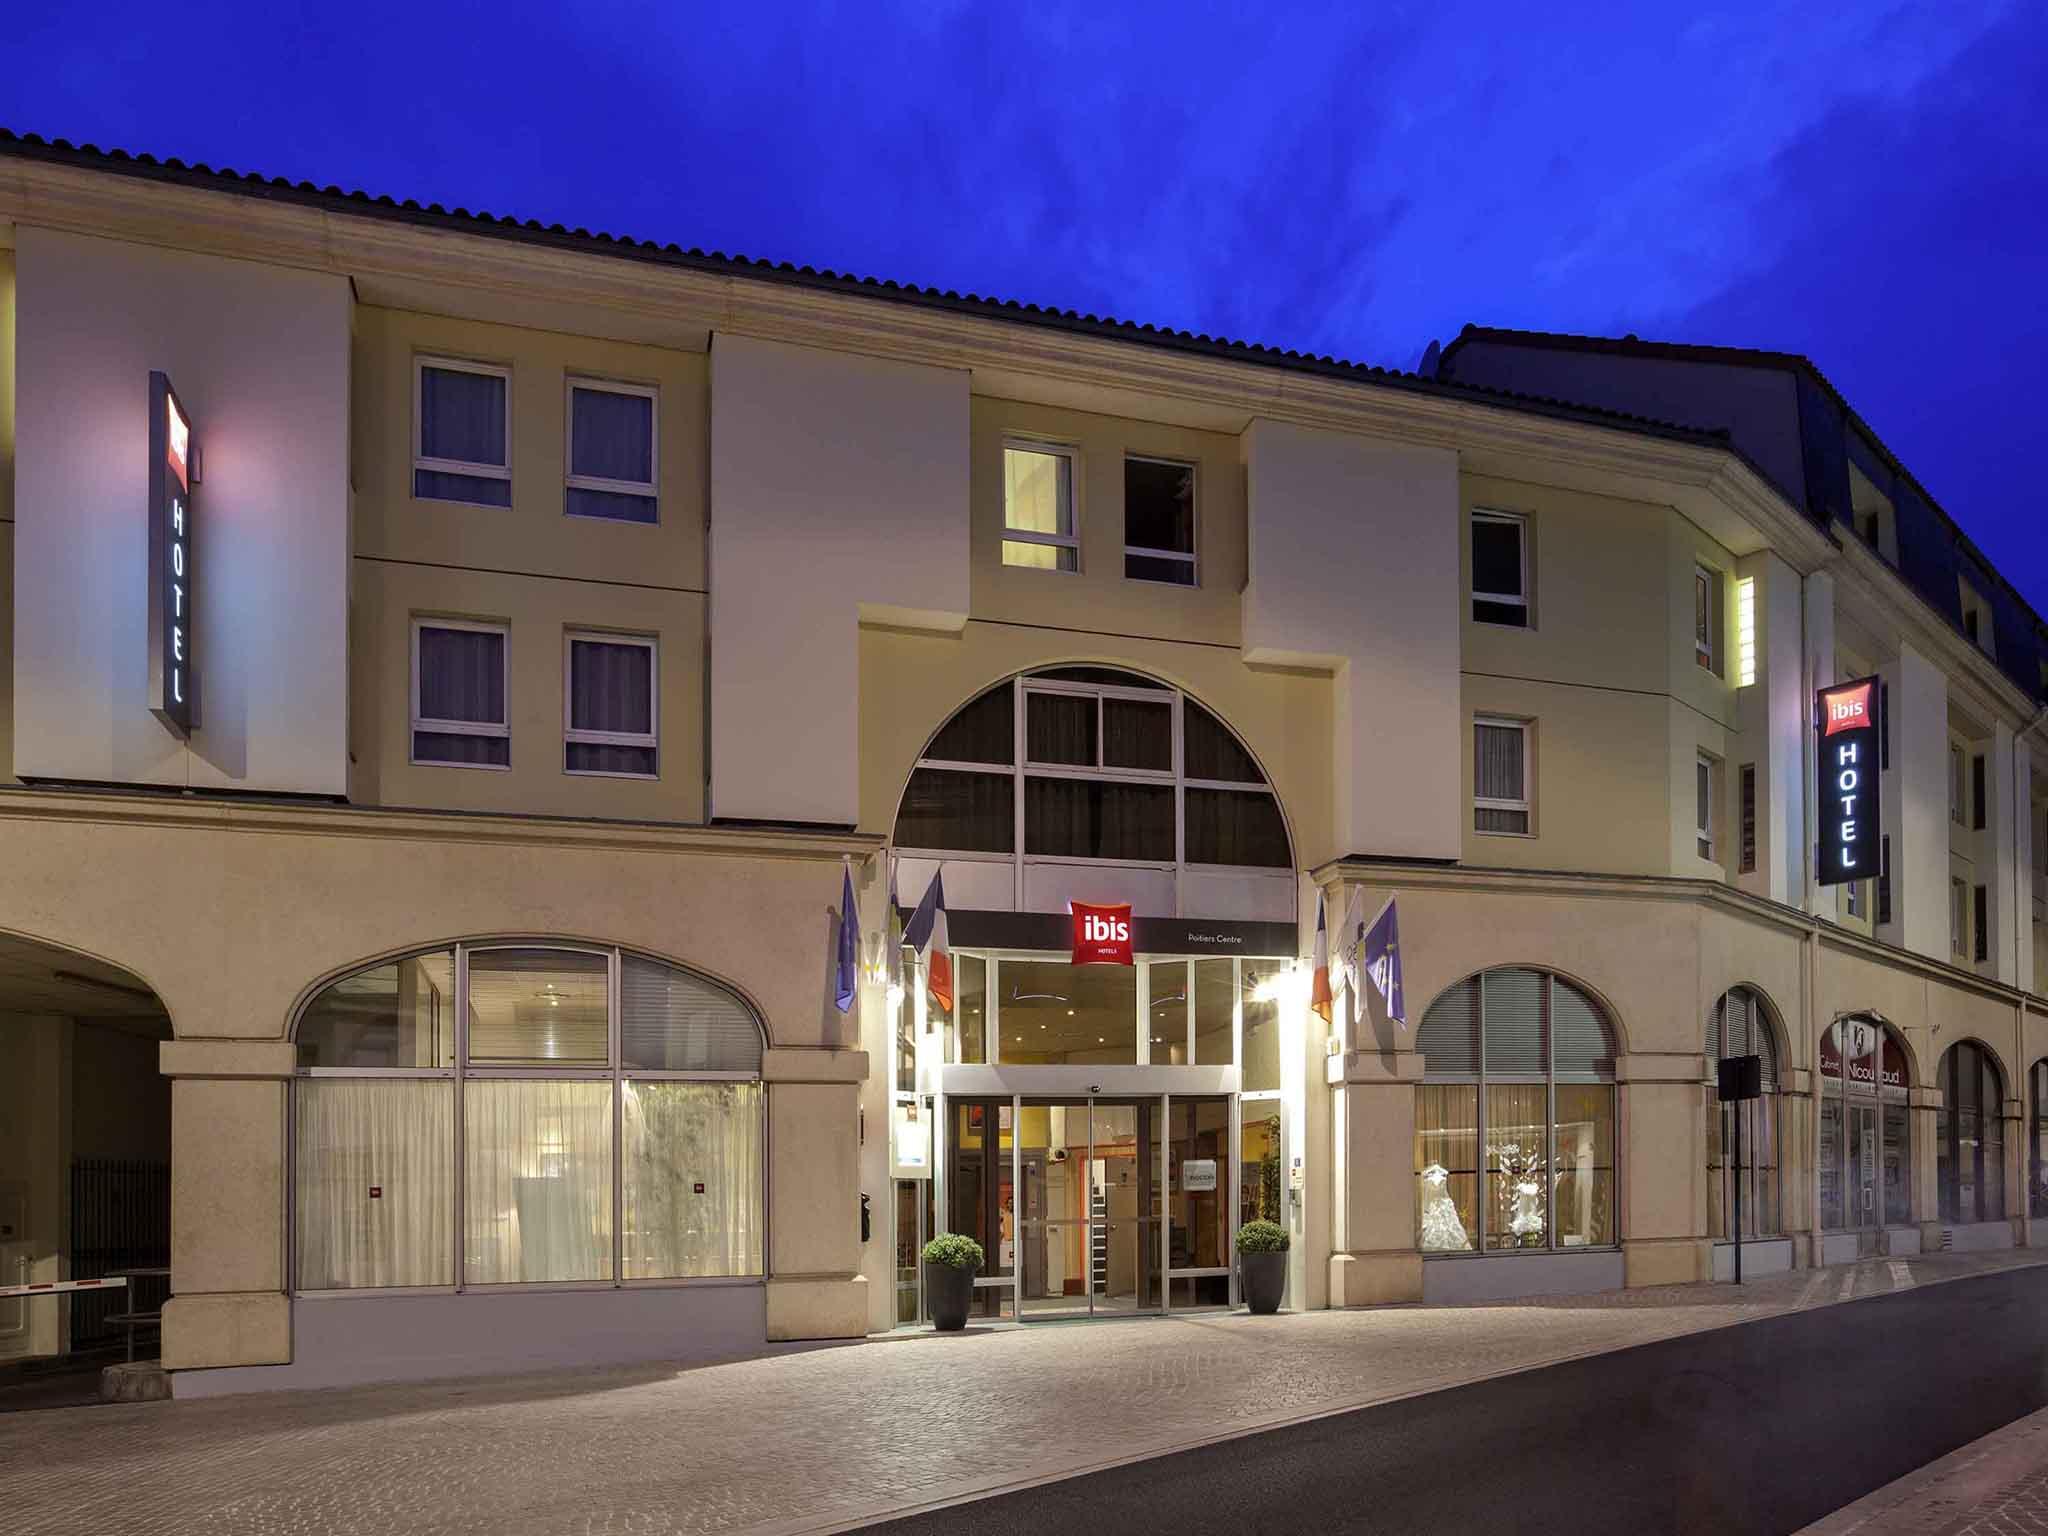 Directeur multi site h f ibis poitiers centre france for Hotel design centre france